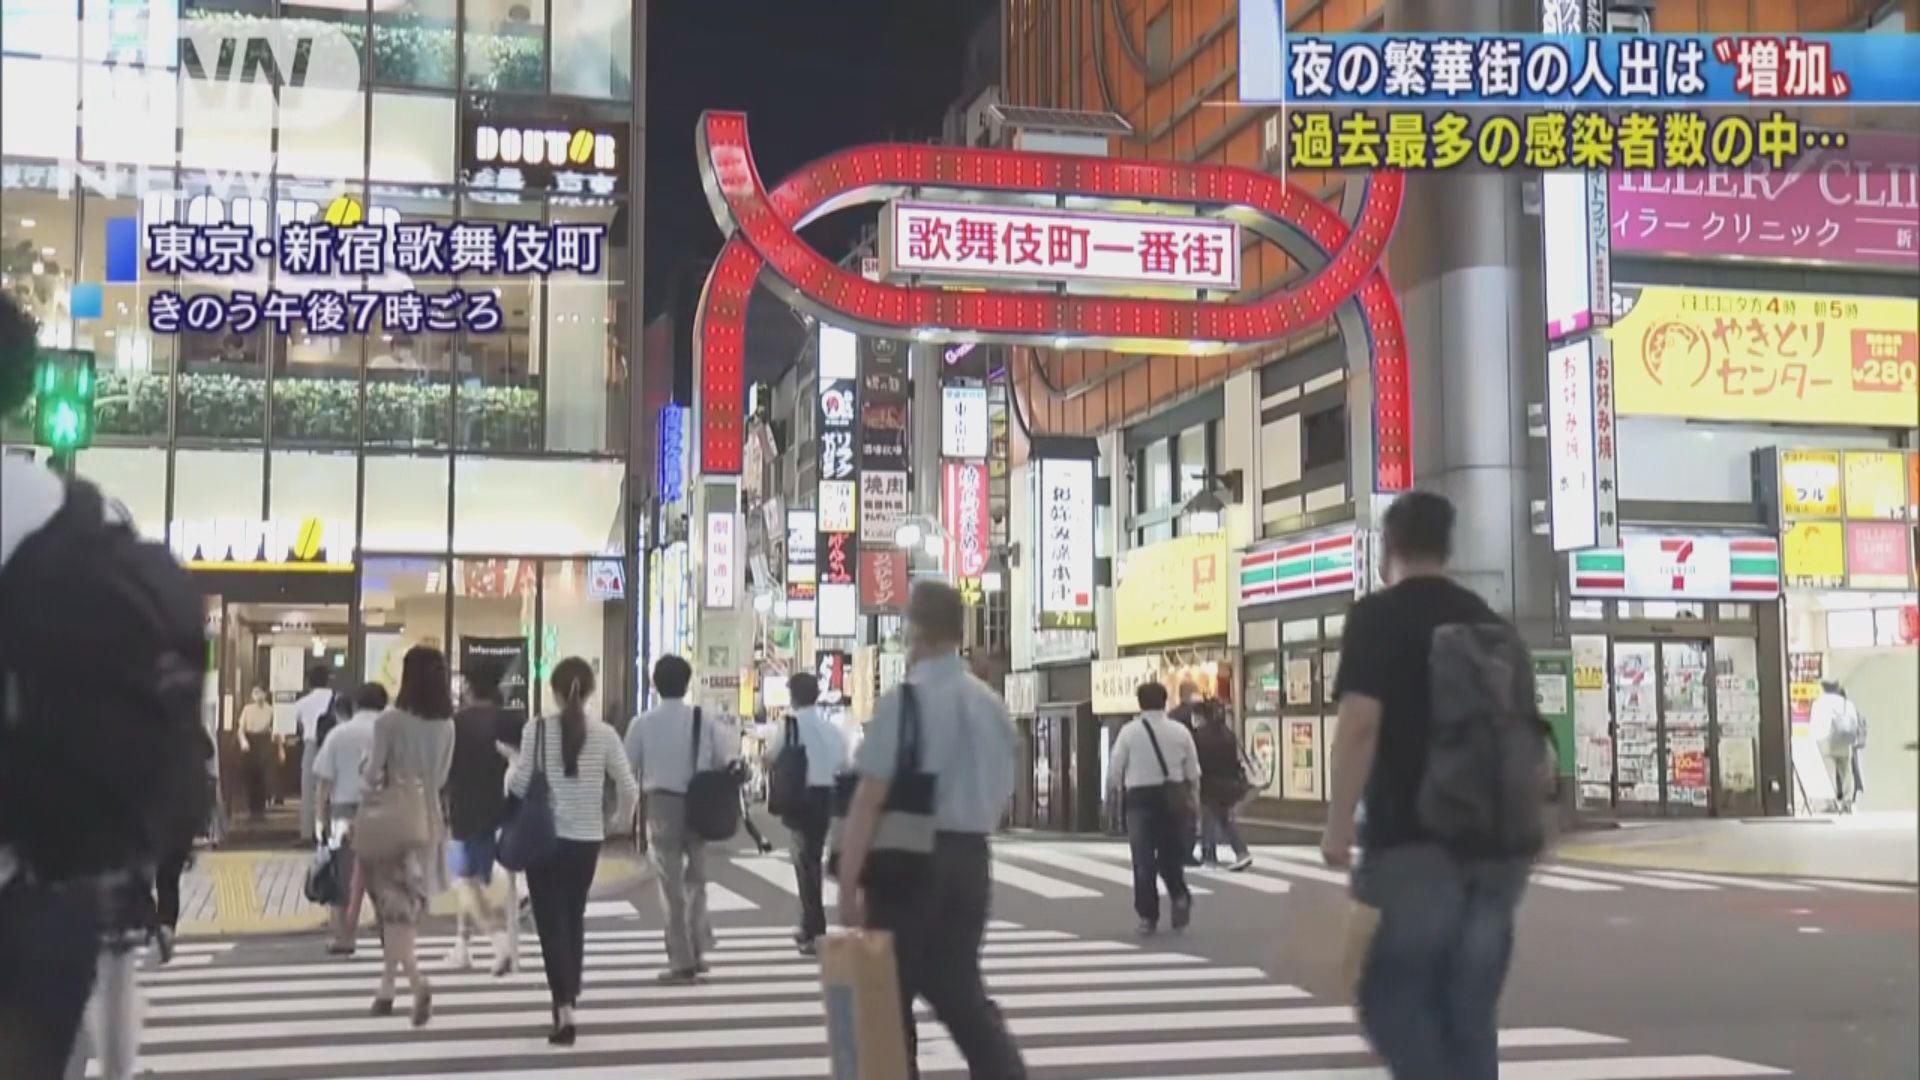 東京都增206宗確診 醫生組織建議政府勒令夜店停業兩周